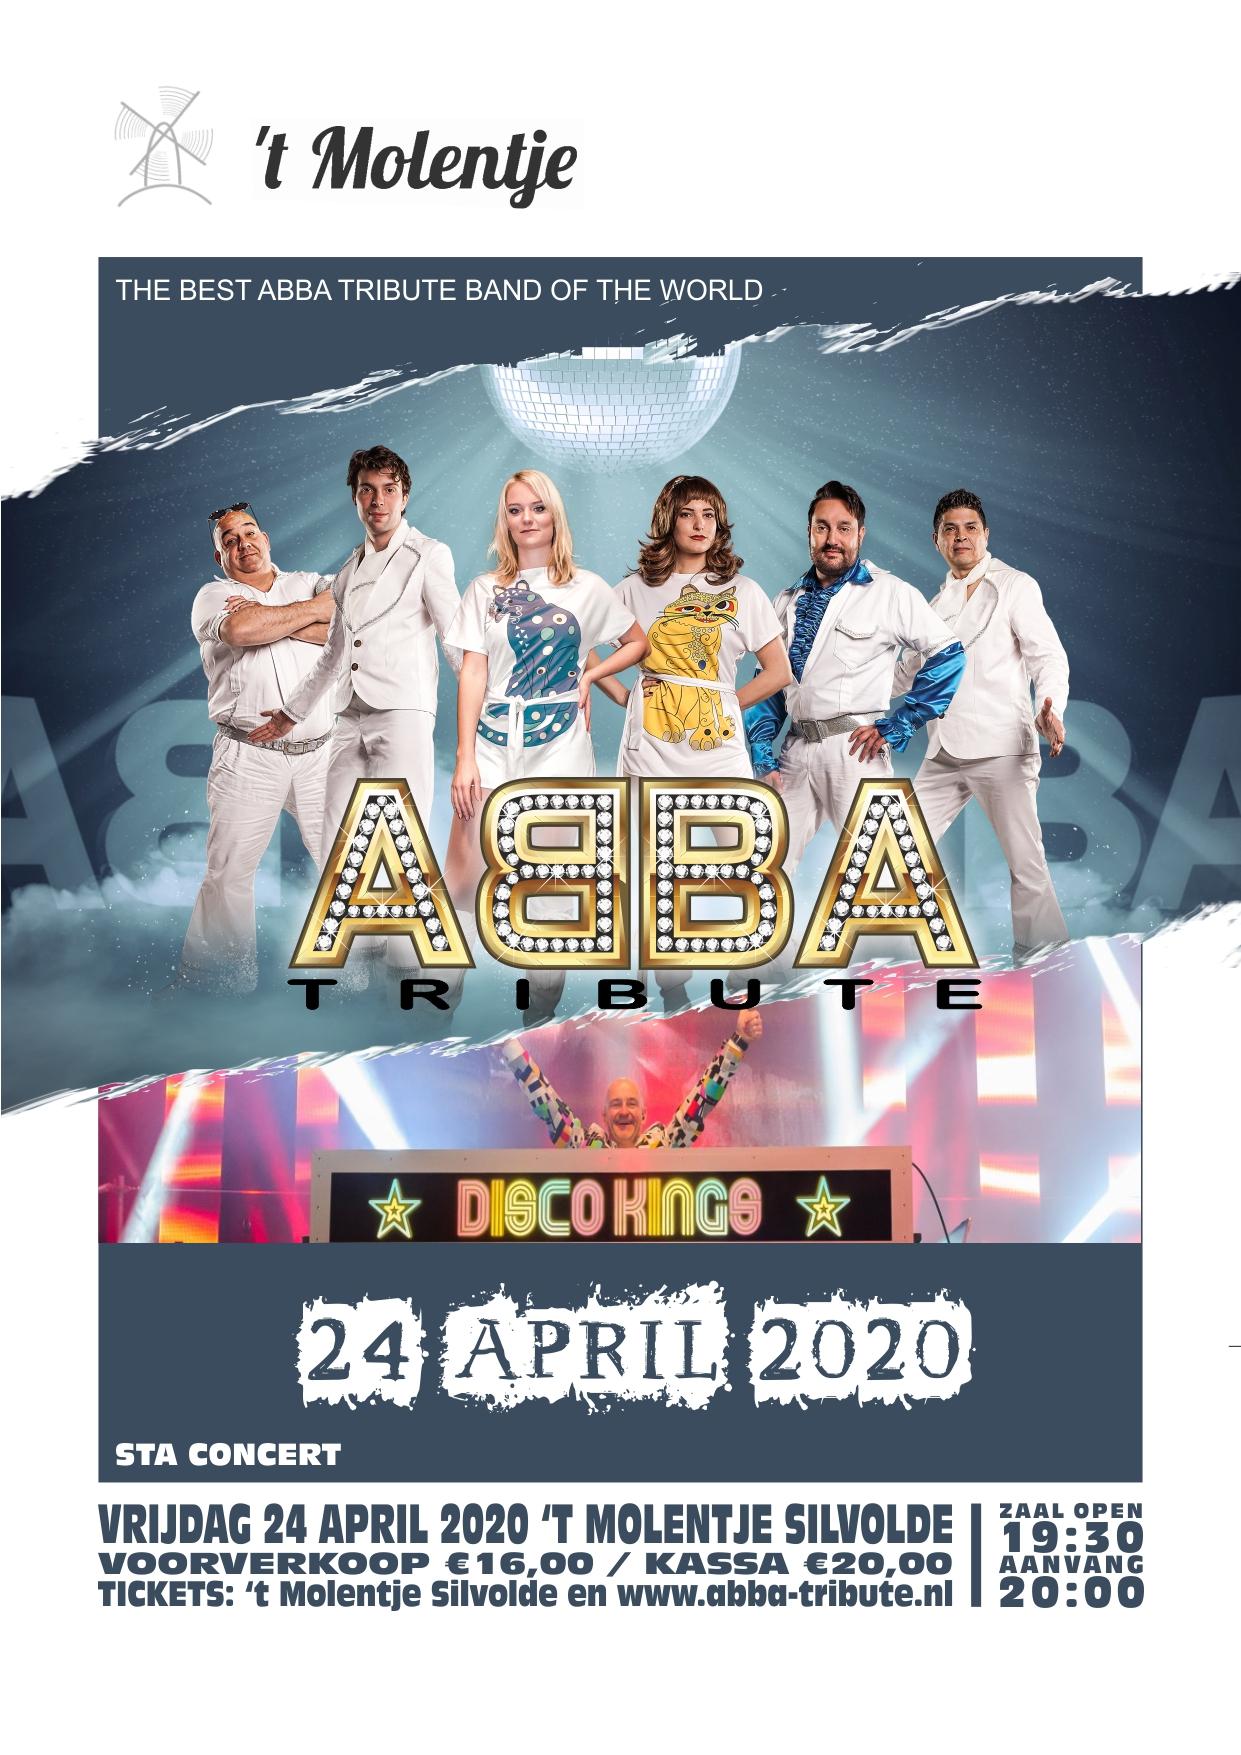 ABBA Tribute 't Molentje Silvolde 2022